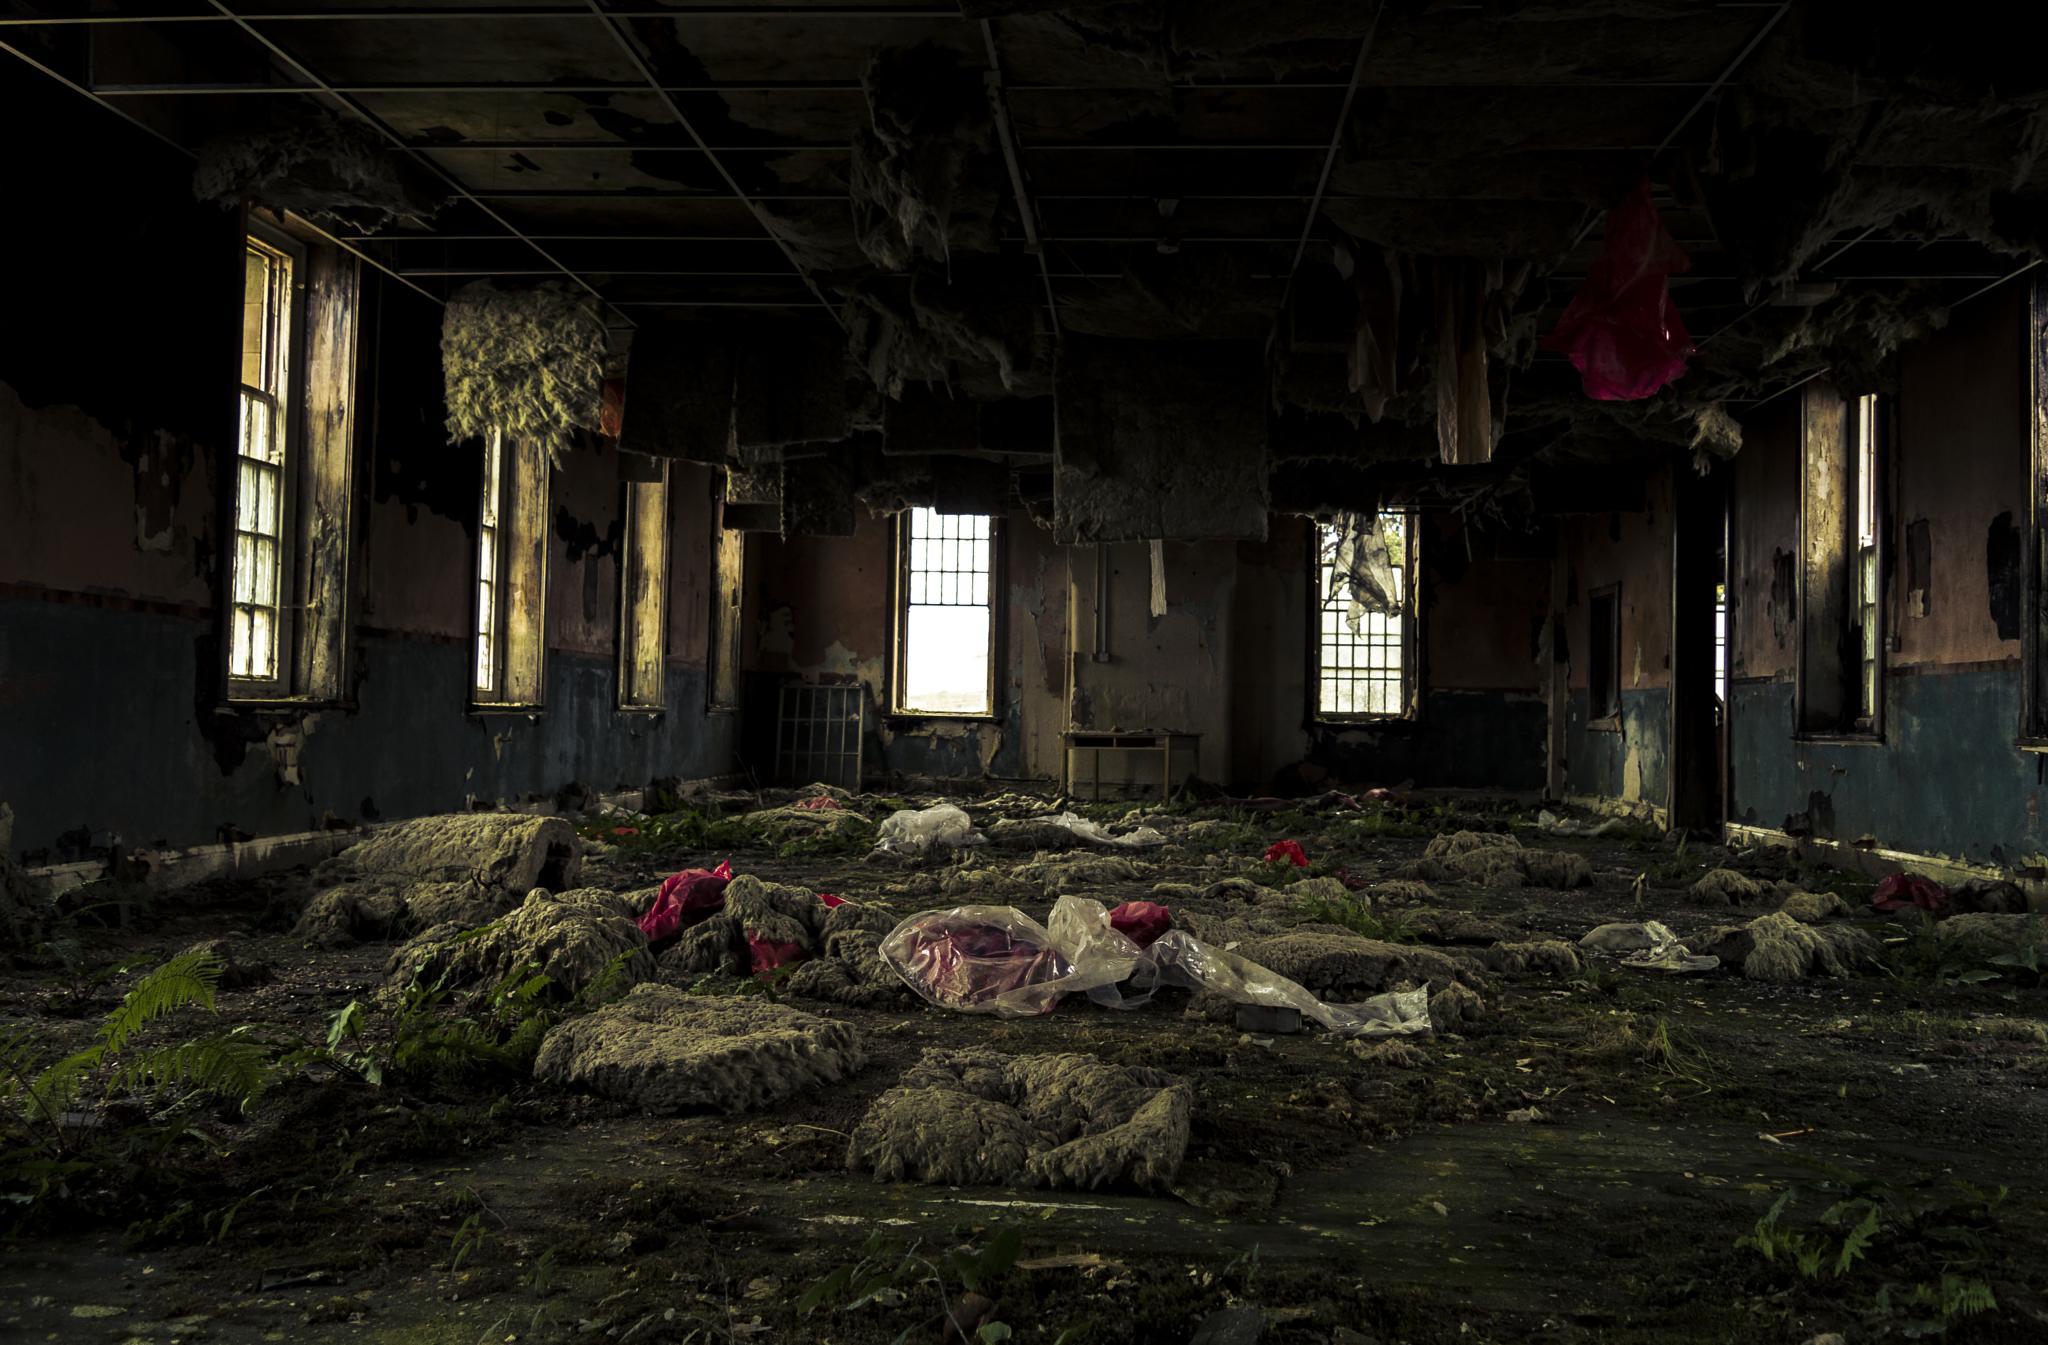 Derelict Welsh asylum by Matt Travill